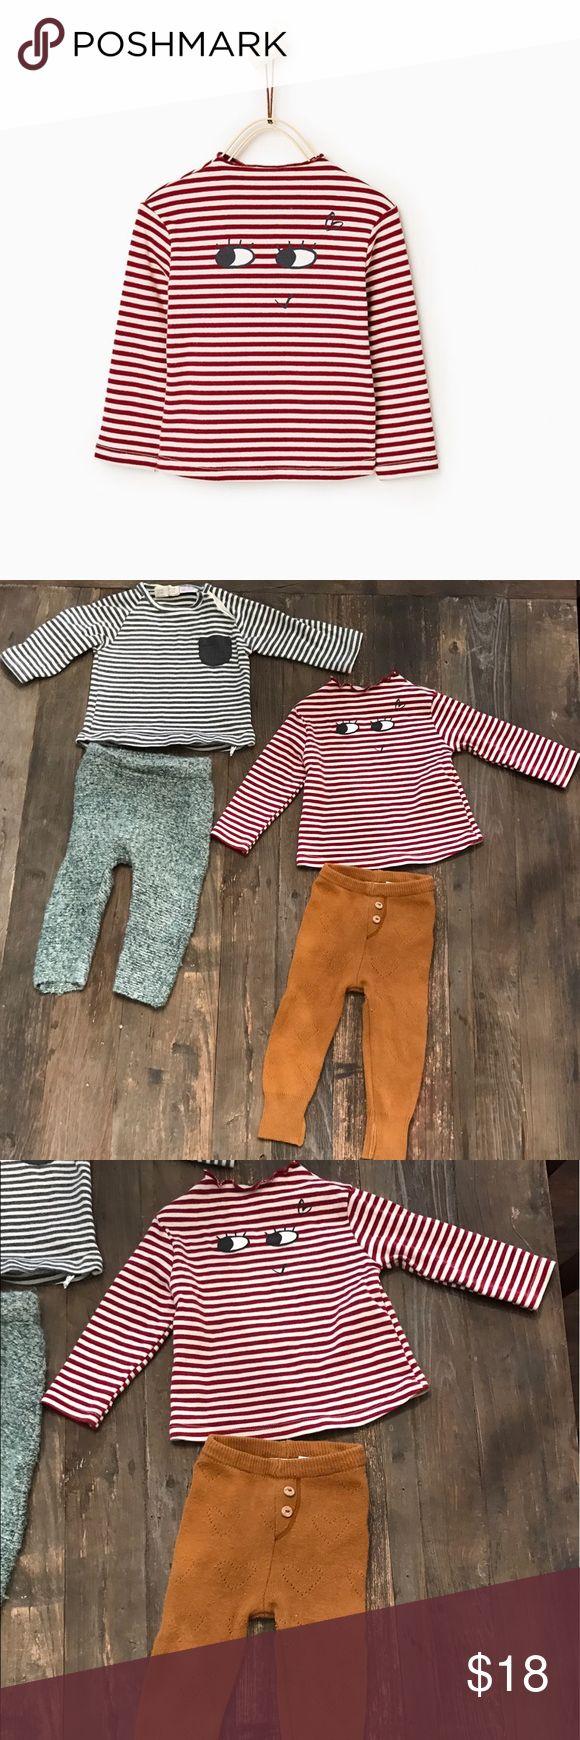 Zara baby hair accessories - Zara Baby Clothes